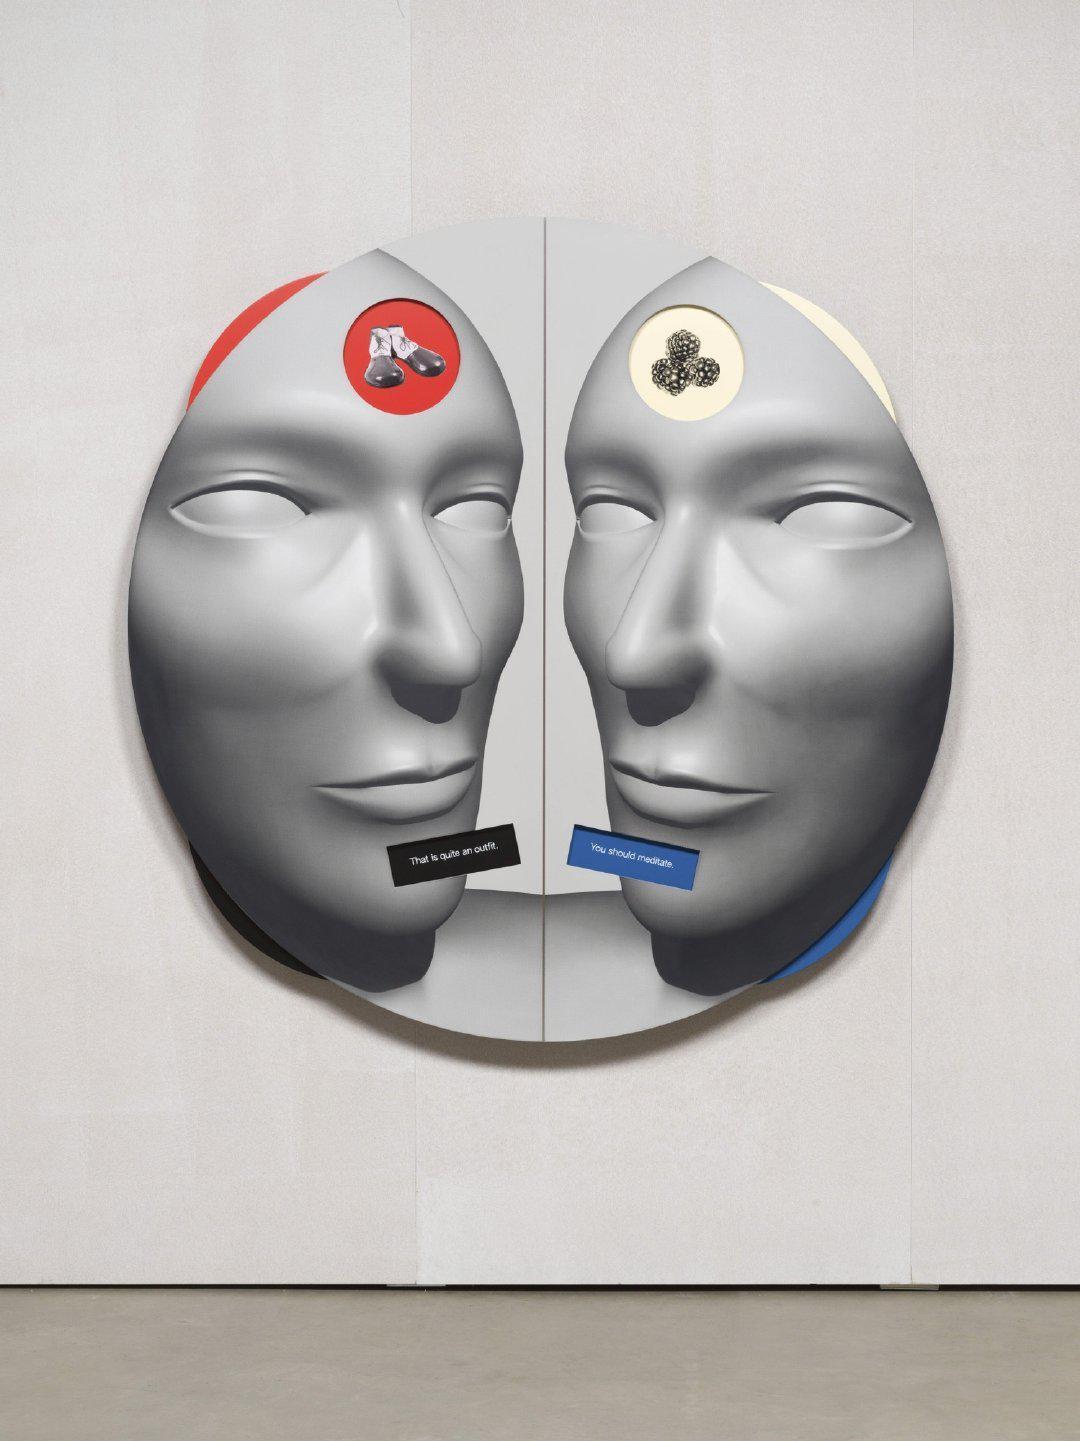 美国当代艺术家Kathryn Andrews的作品探索艺术原创的本质、物质